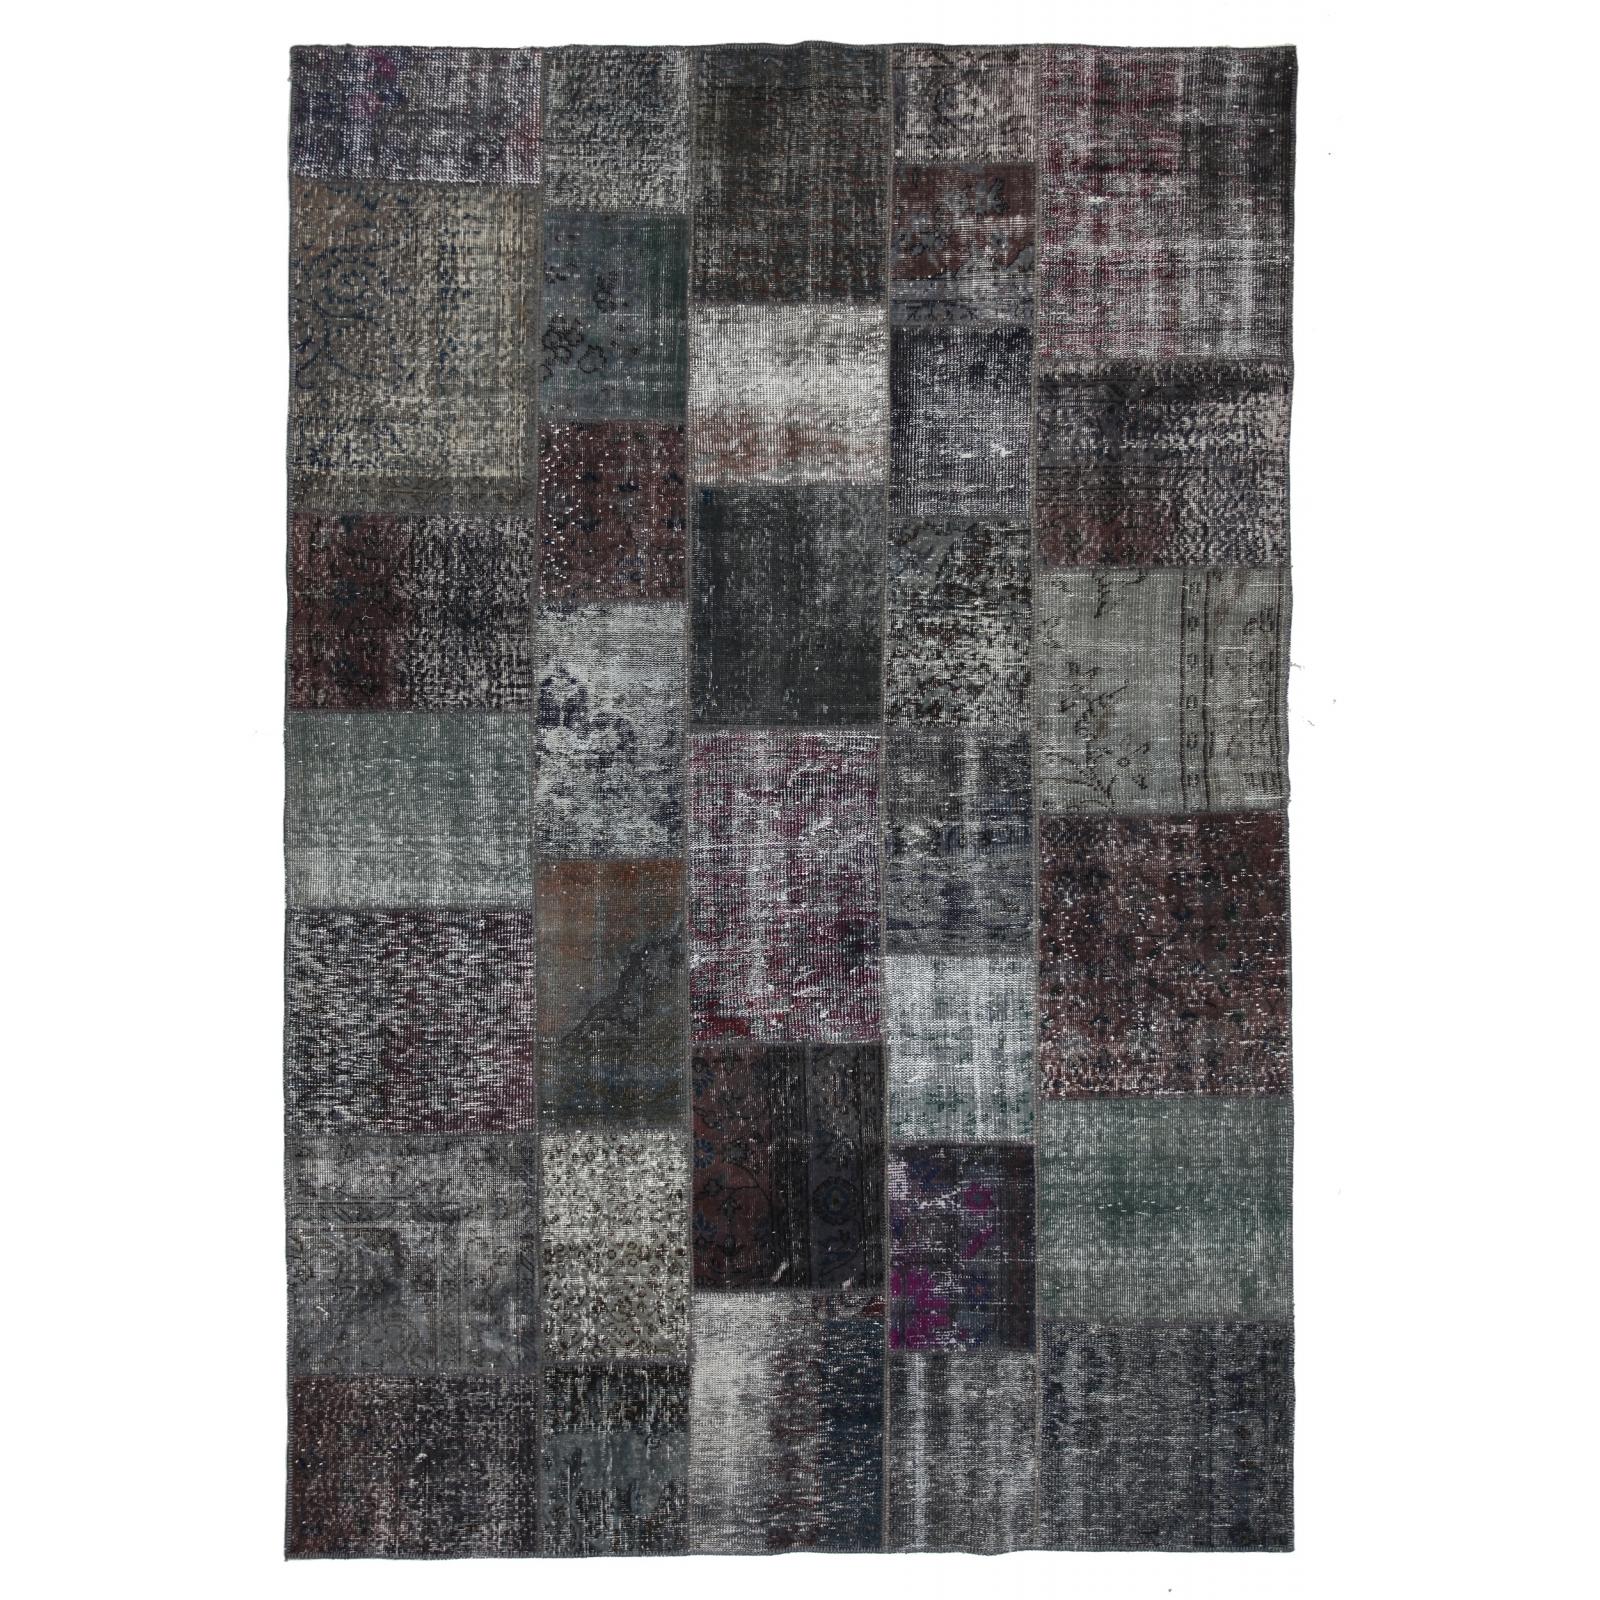 Grau vintage patchwork teppich (200x300cm)